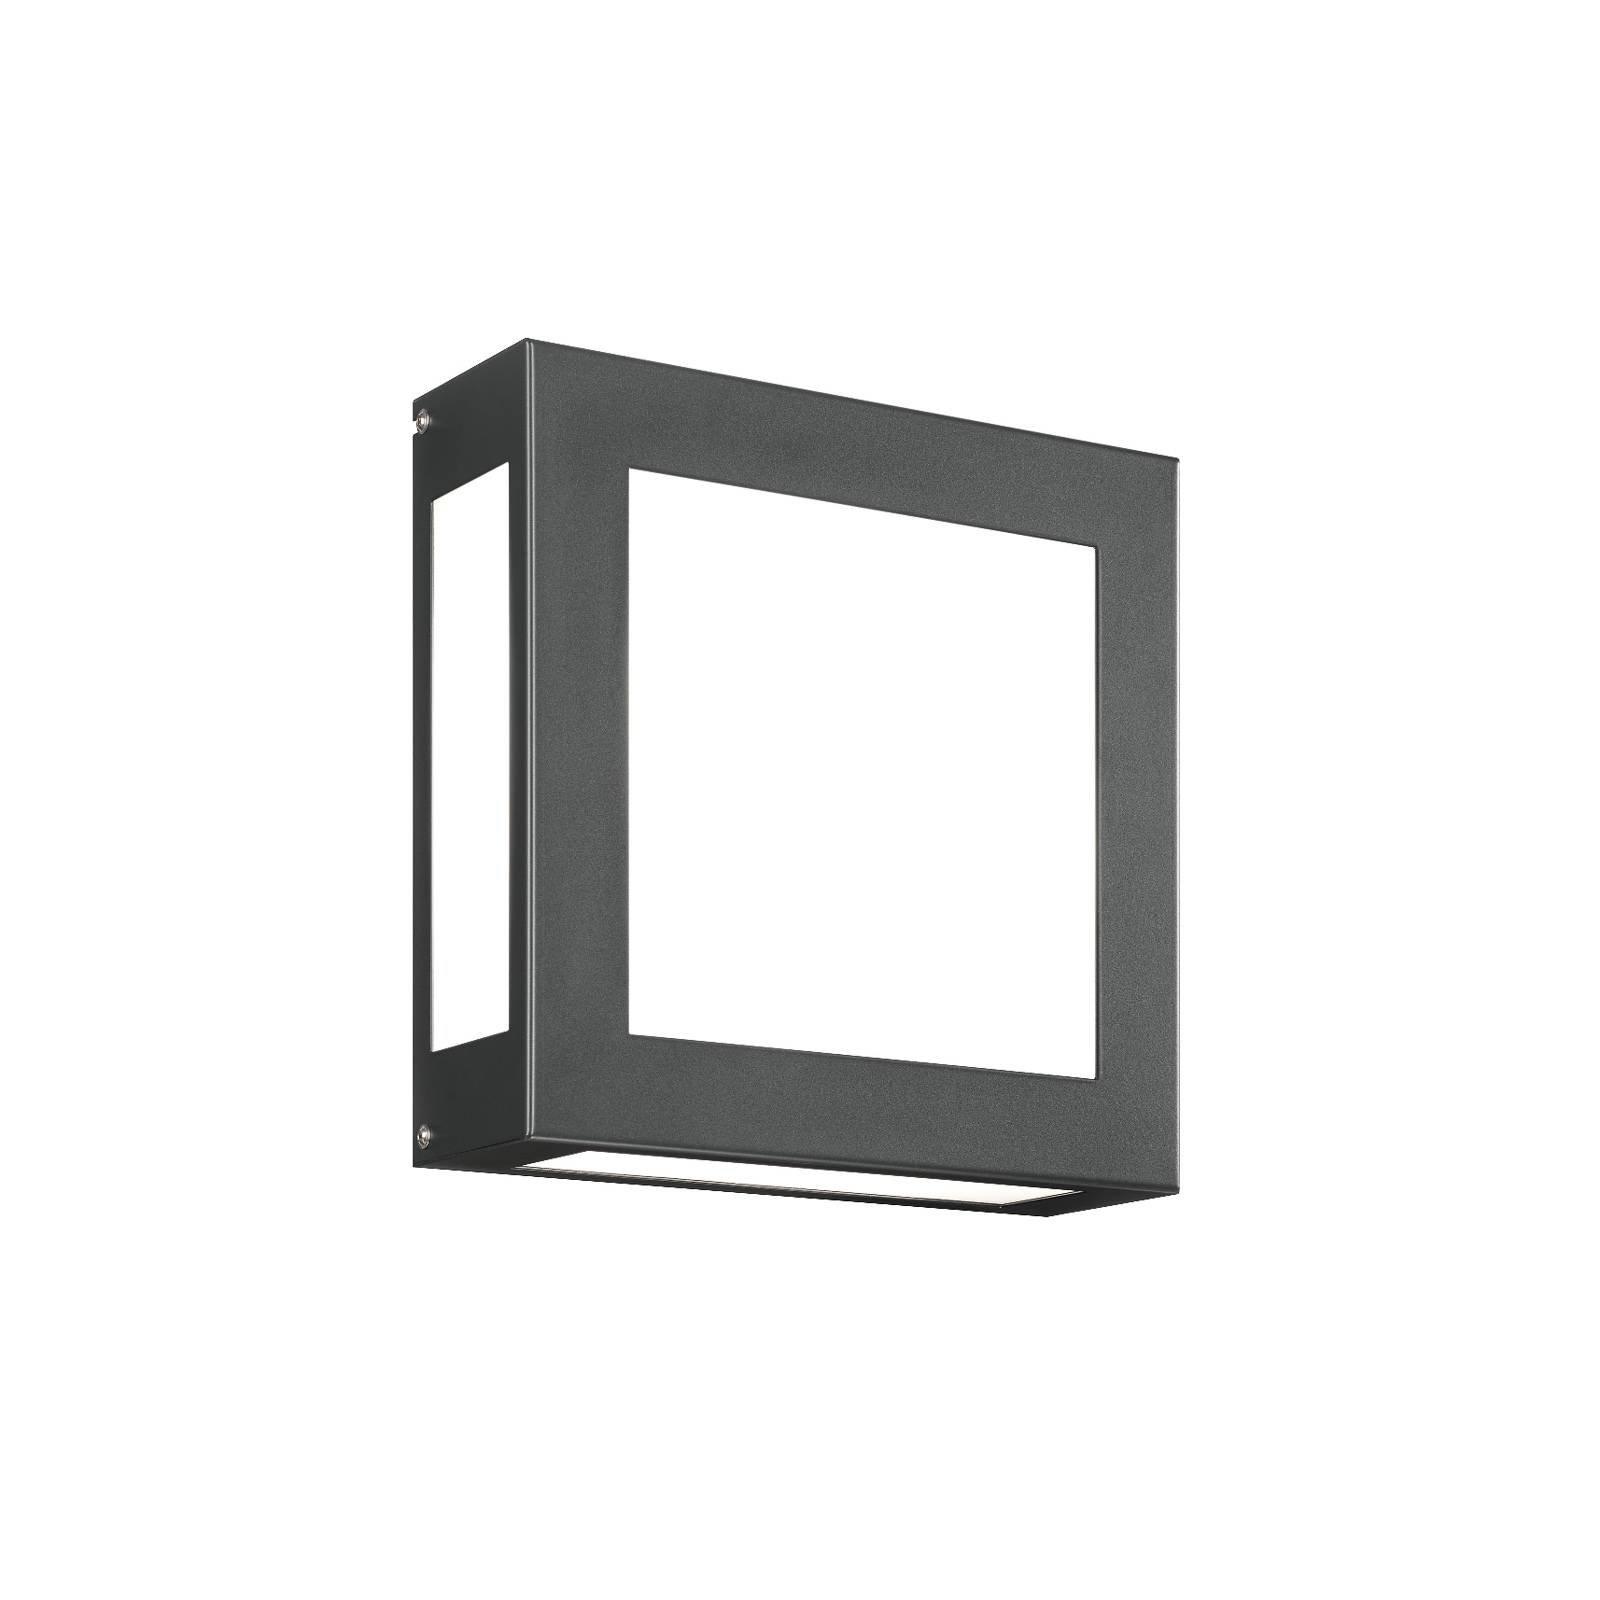 Utendørs LED-vegglampe Aqua Legendo, antrasitt